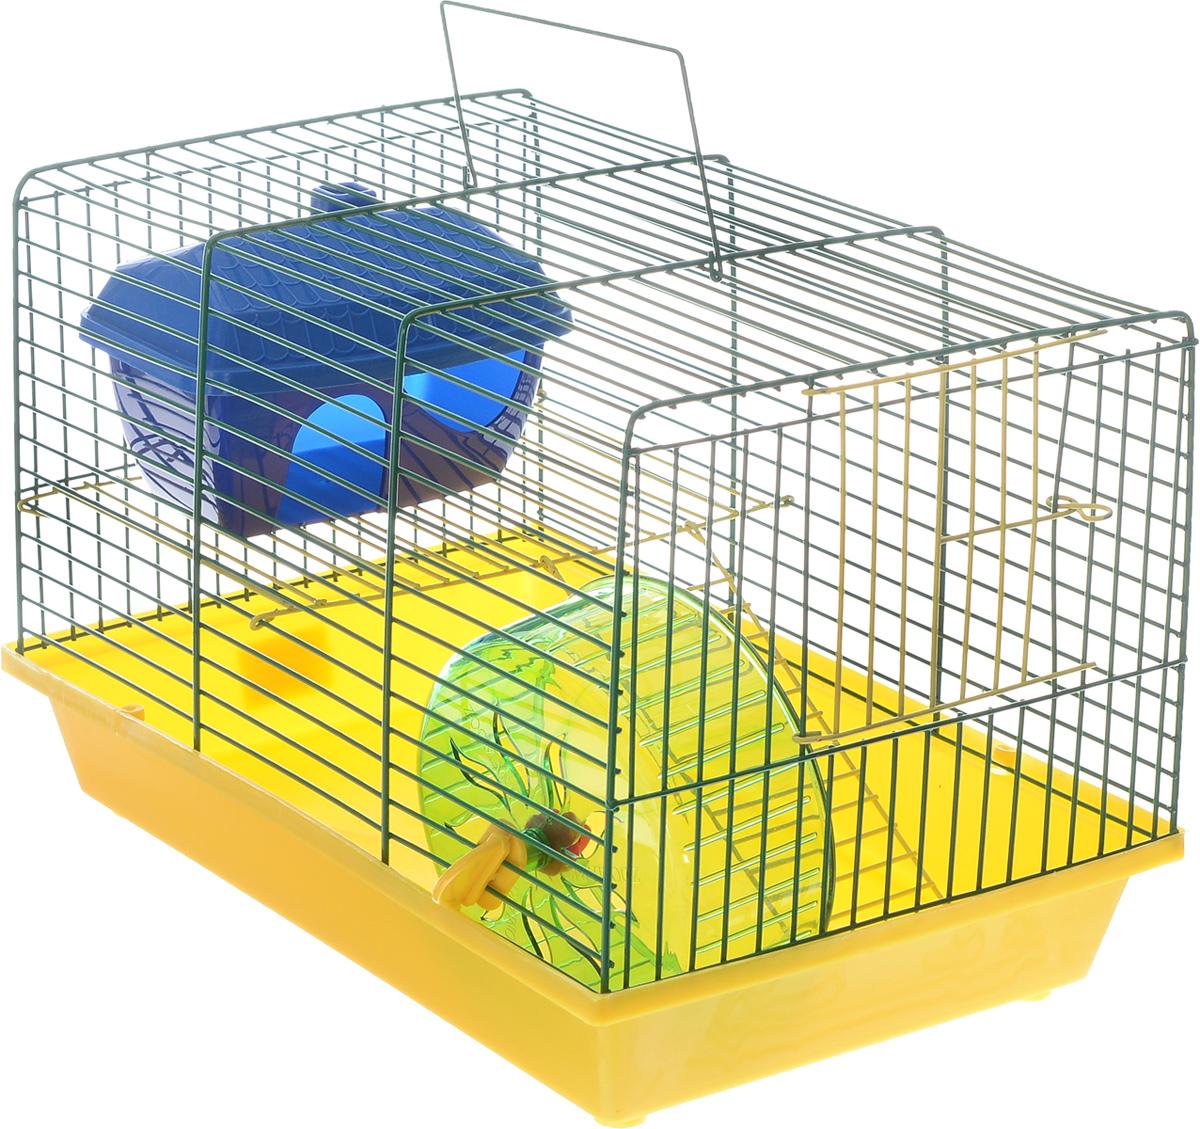 Клетка для грызунов ЗооМарк, 2-этажная, цвет: желтый поддон, зеленая решетка, 36 х 22 х 24 см0120710Клетка ЗооМарк, выполненная из полипропилена и металла, подходит для мелких грызунов. Изделие двухэтажное, оборудовано колесом для подвижных игр и пластиковым домиком. Клетка имеет яркий поддон, удобна в использовании и легко чистится. Сверху имеется ручка для переноски, а сбоку удобная дверца.Такая клетка станет уединенным личным пространством и уютным домиком для маленького грызуна.